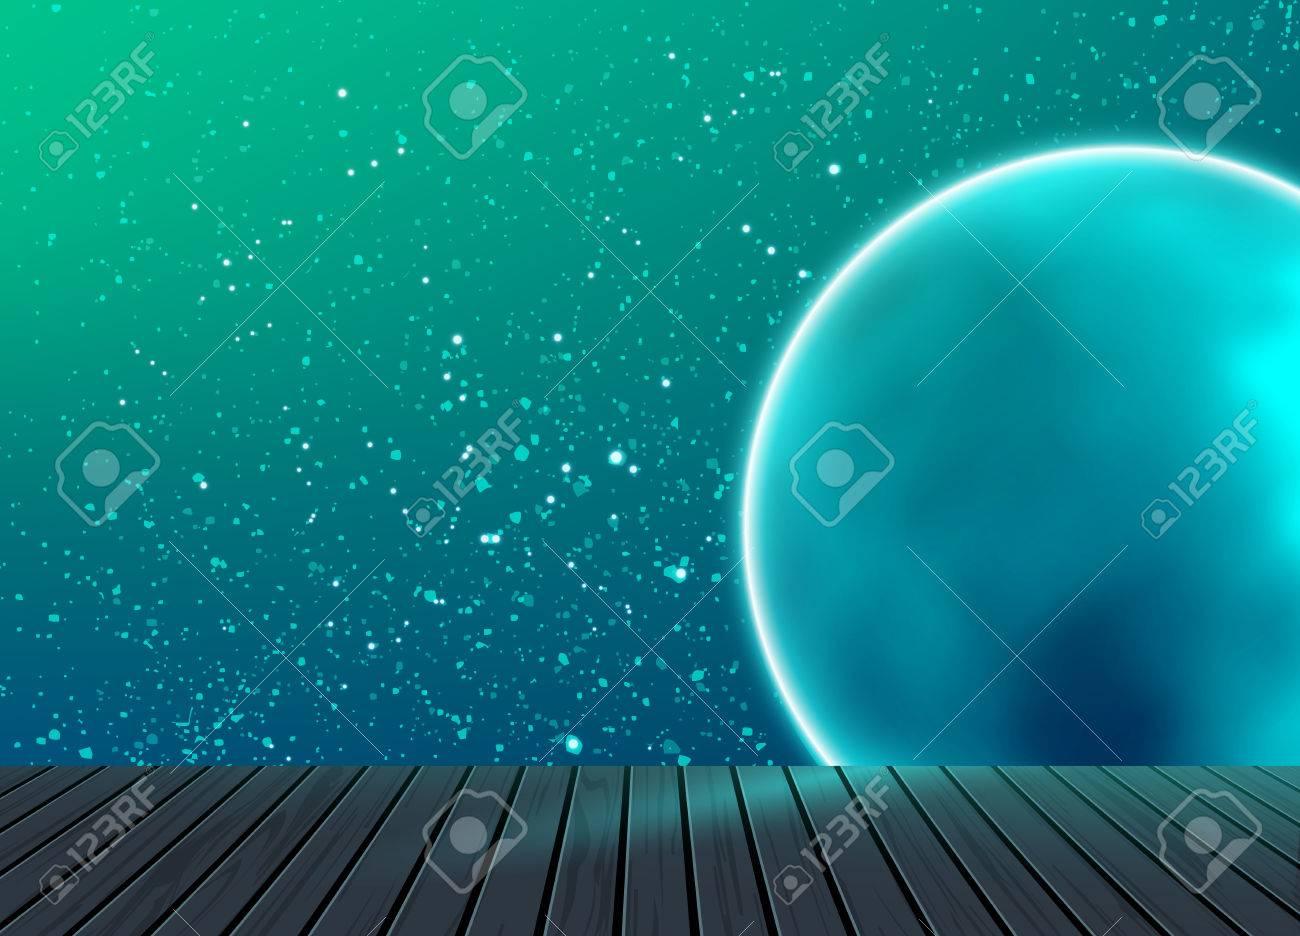 galaxy raum muster hintergrund textur mit holzboden im studio um ideen fr wissenschaft und technik - Galaxy Muster